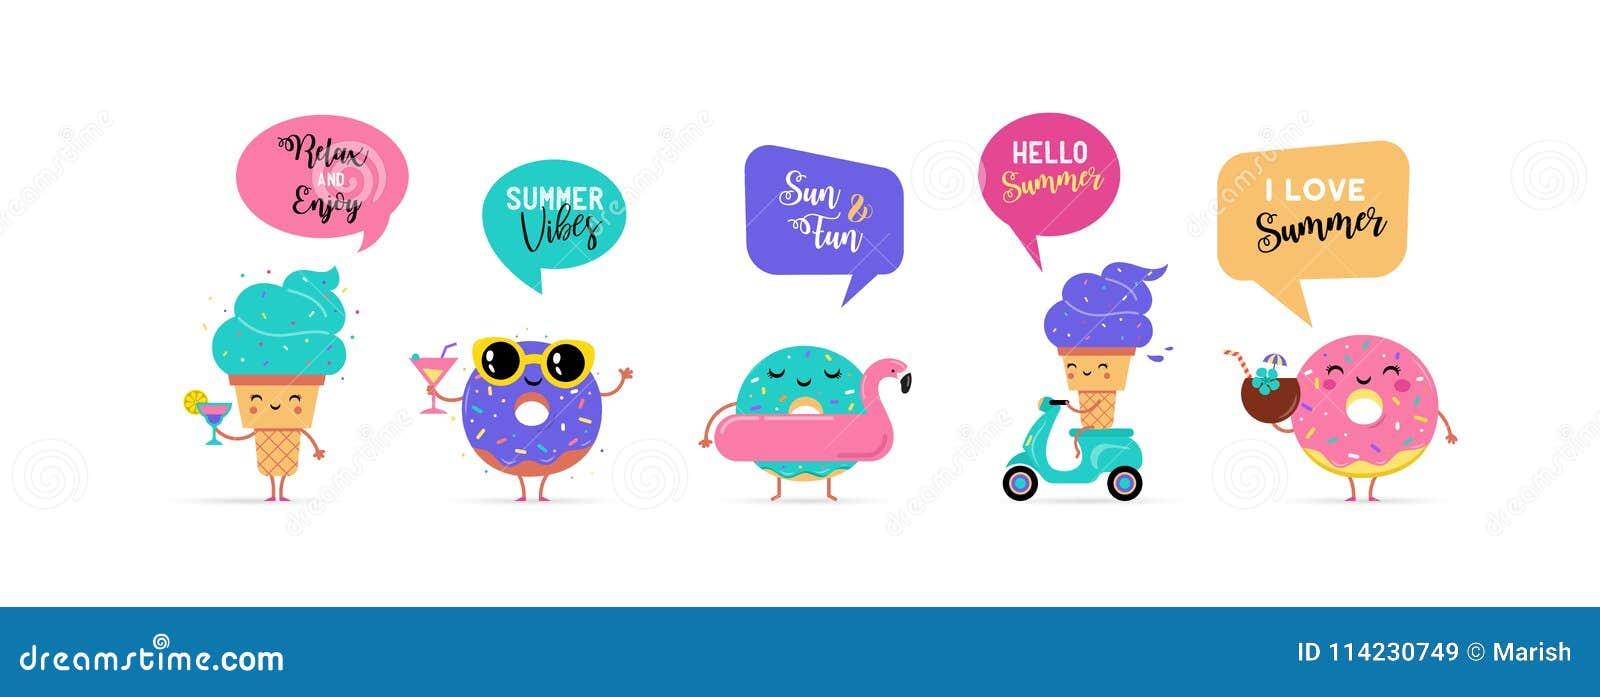 Γλυκό καλοκαίρι - το χαριτωμένοι παγωτό, το καρπούζι και donuts οι χαρακτήρες κάνουν τη διασκέδαση